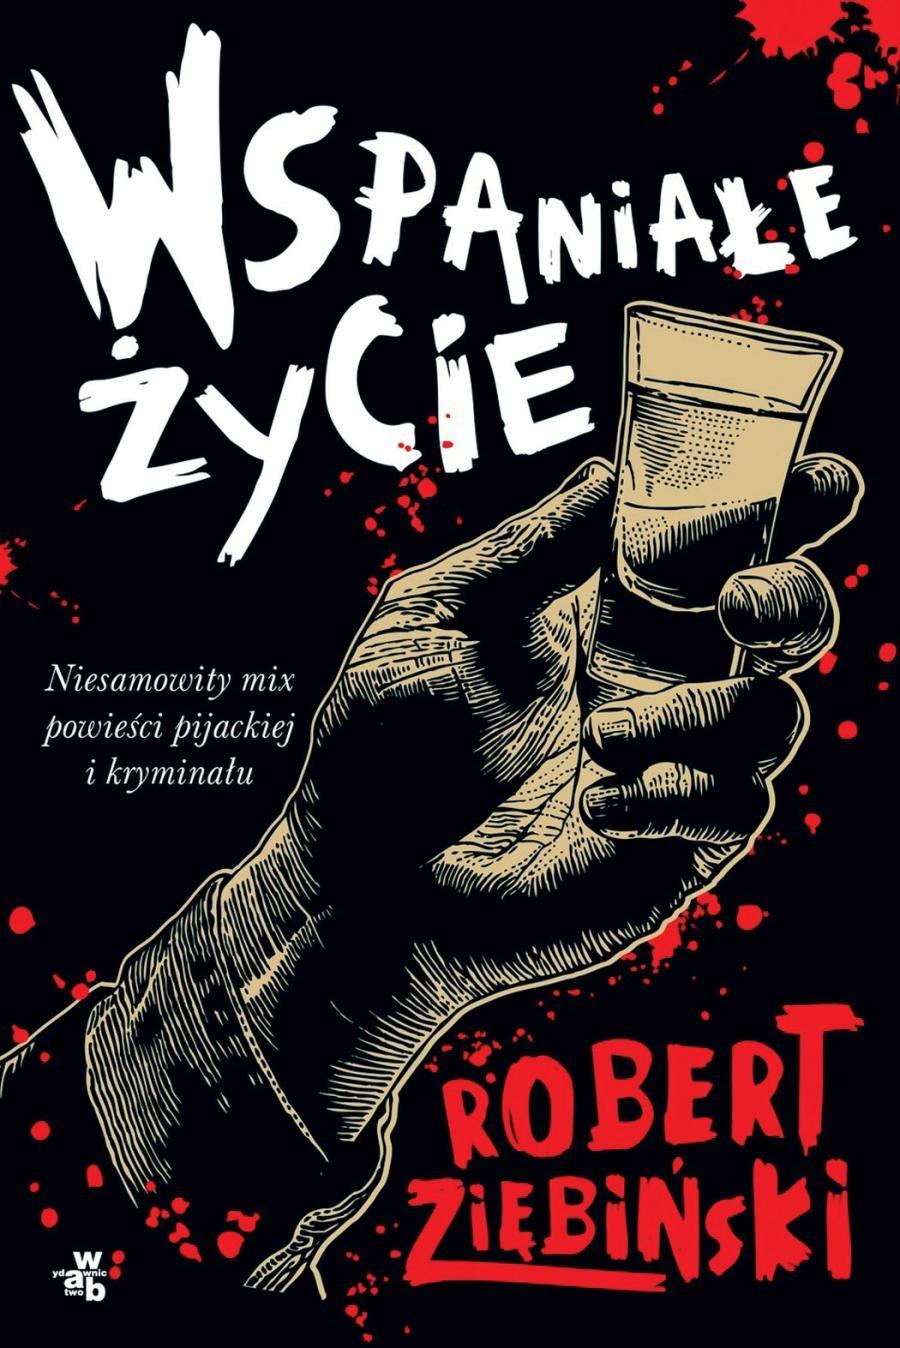 Wspaniałe życie - Robert Ziębiński